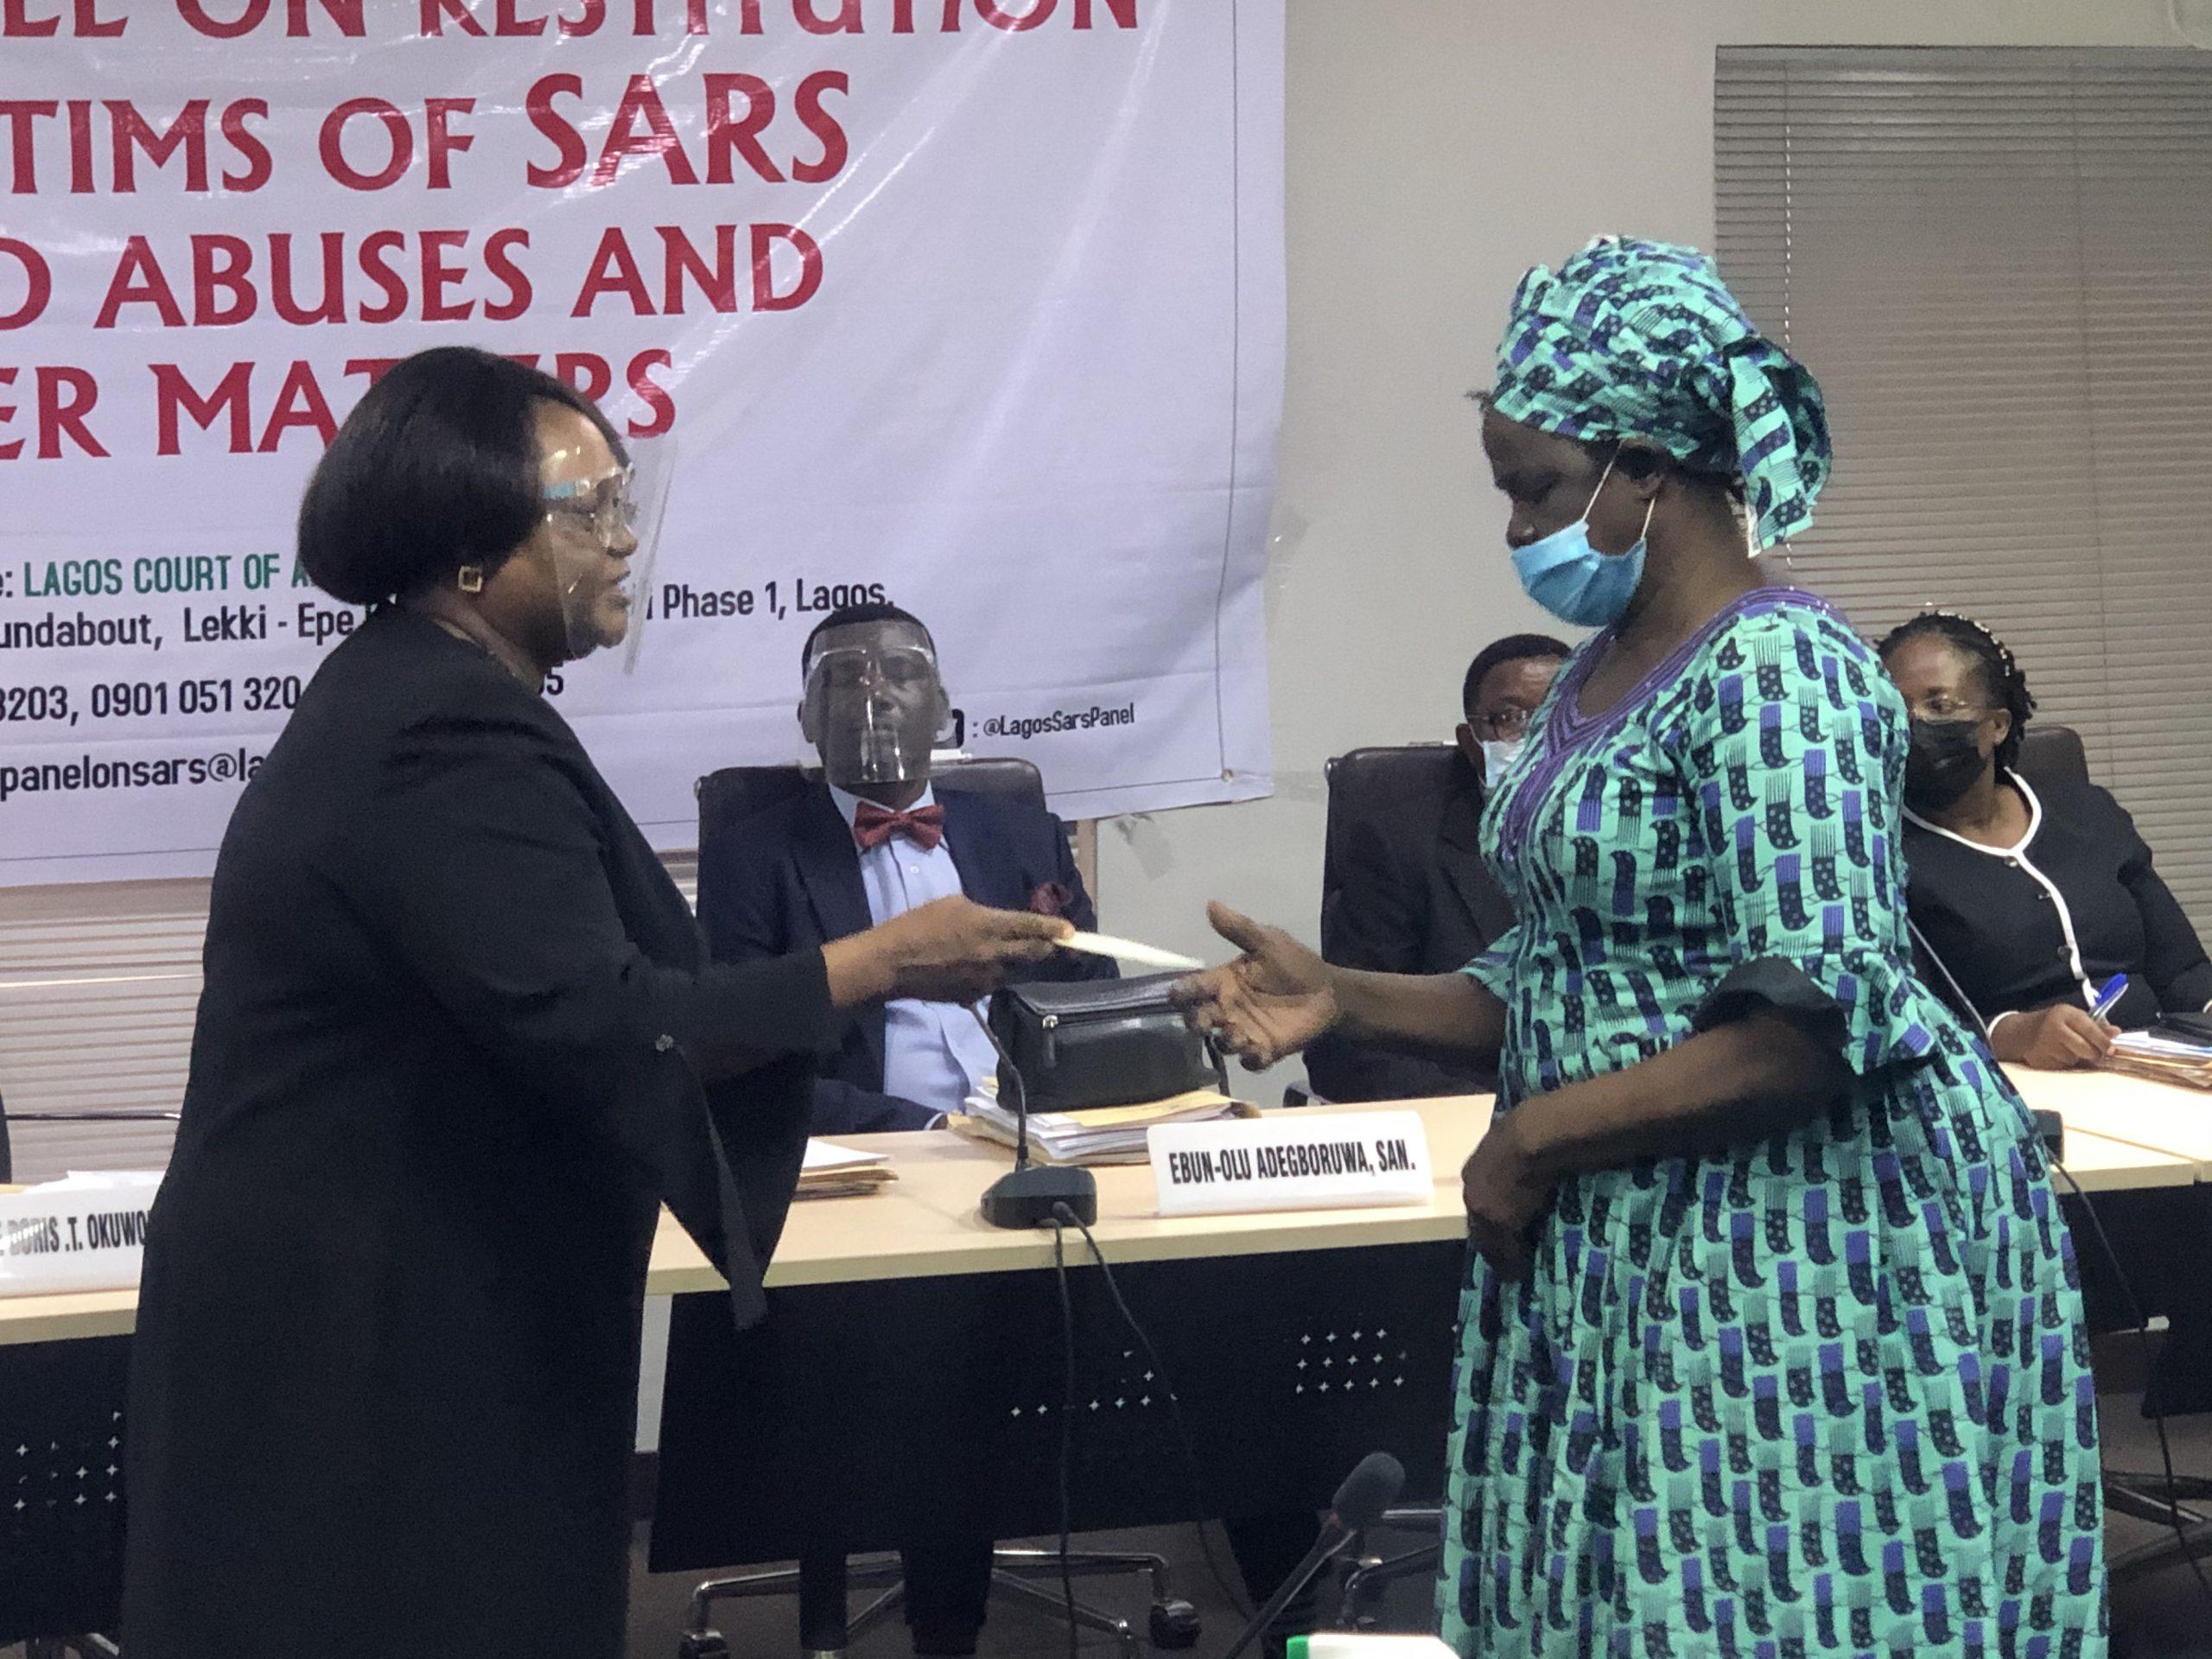 Justice Doris Okuwobi and mother of late Kolade Johnson